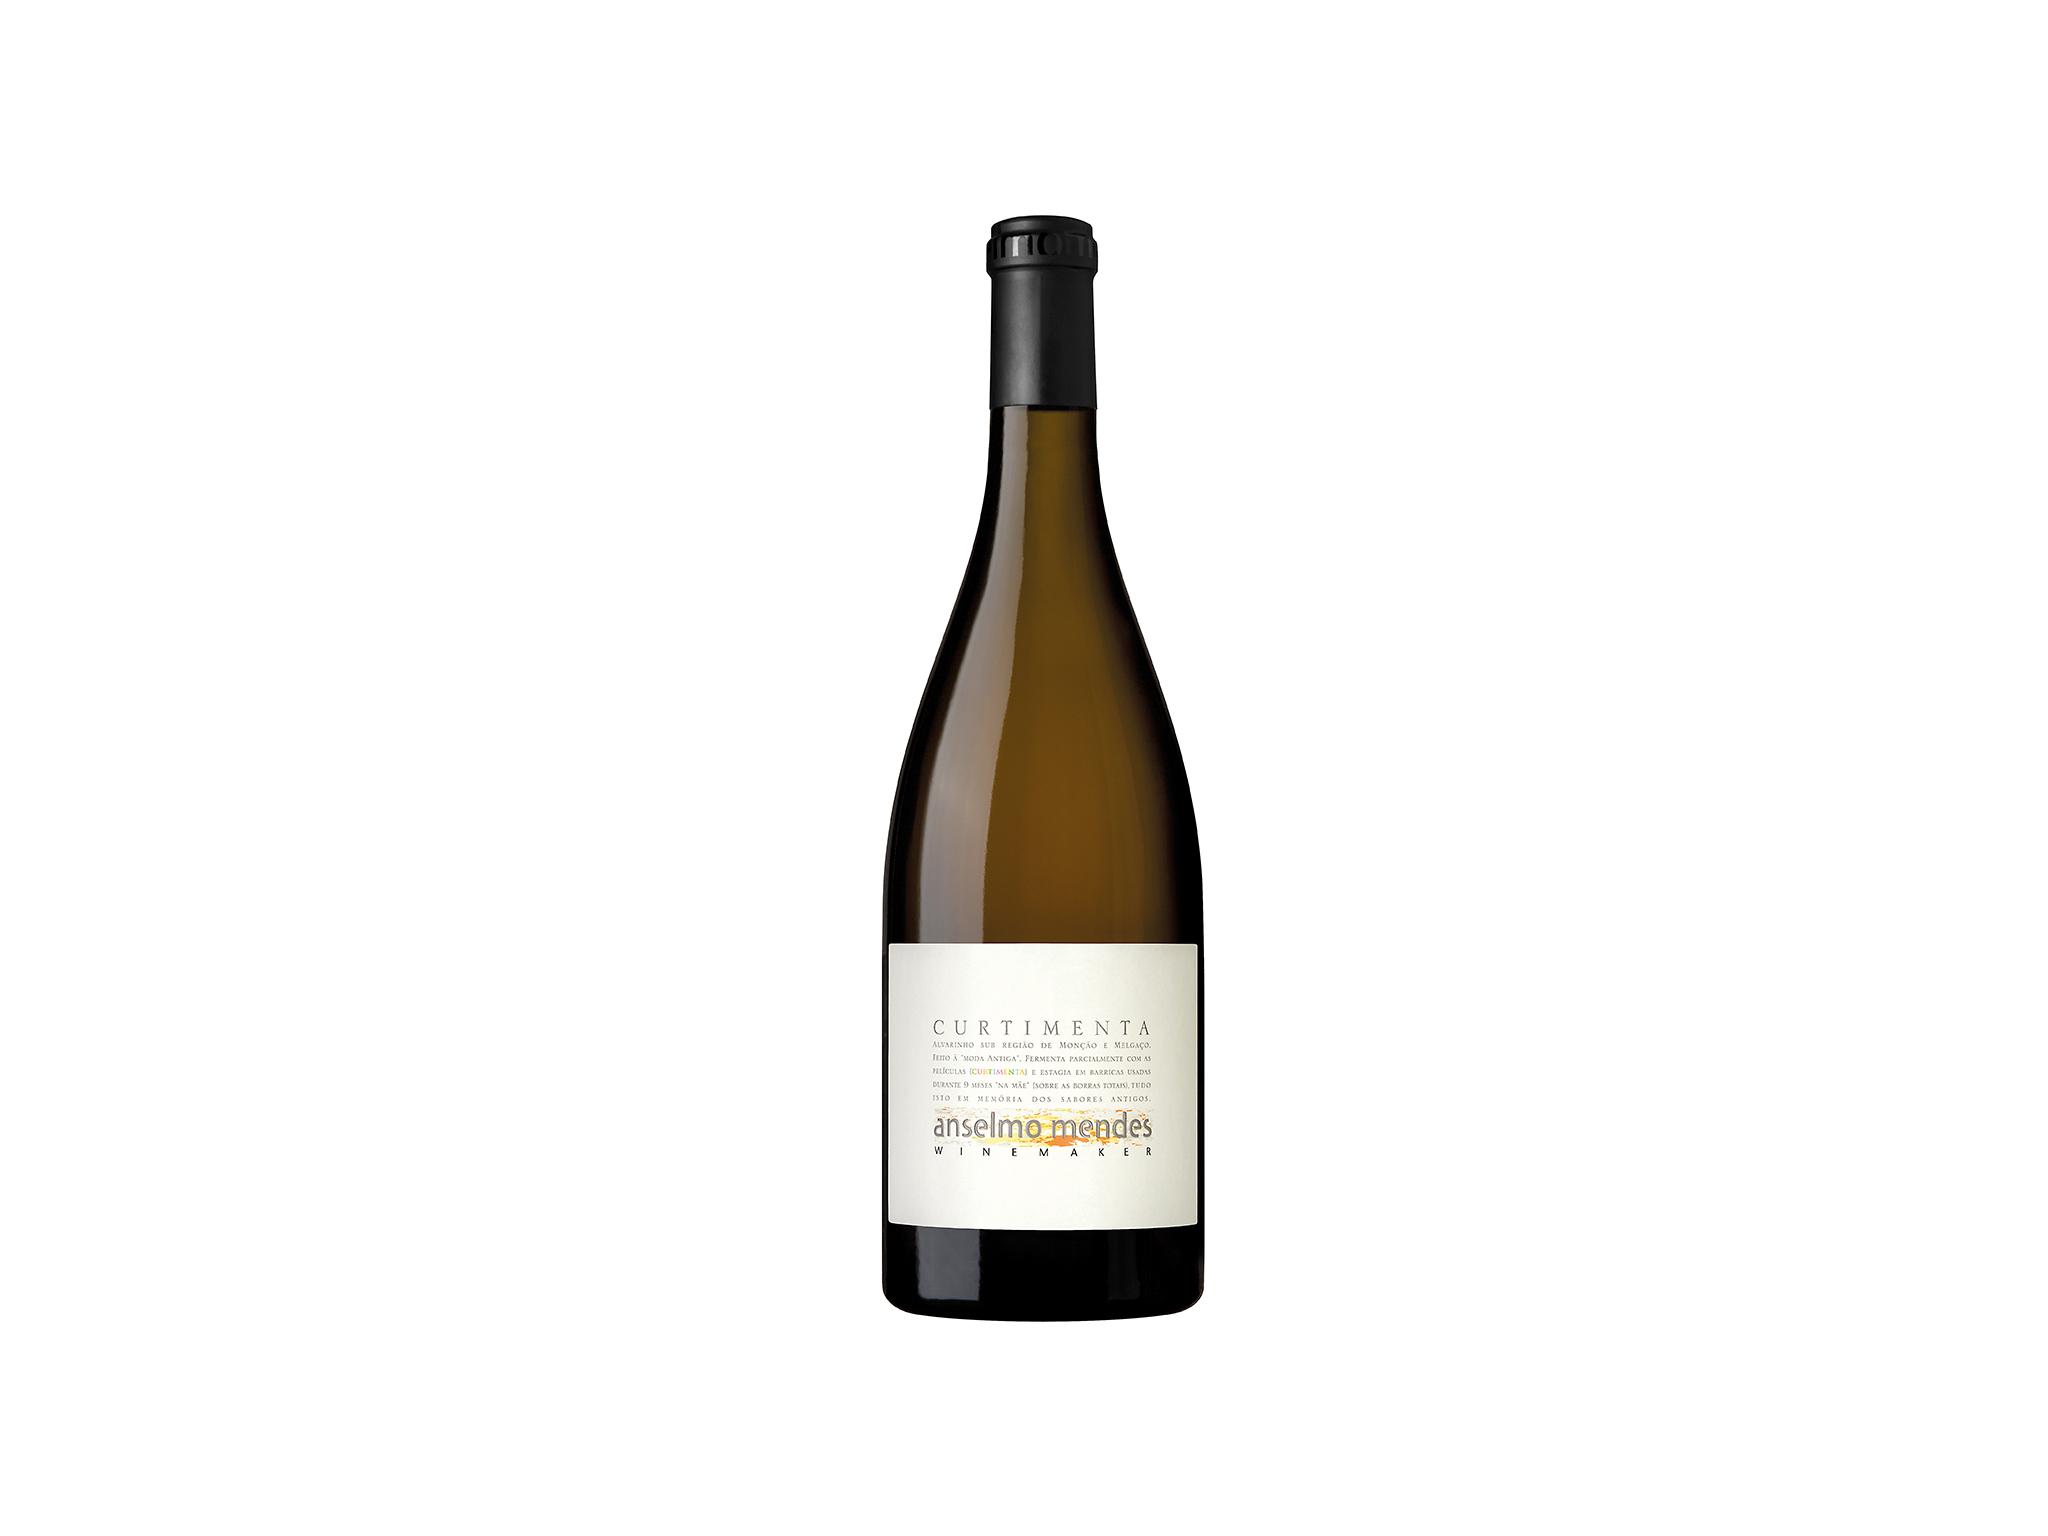 Vinho, Anselmo Mendes Curtimenta Branco 2017, Vinho Verde – Monção e Melgaço